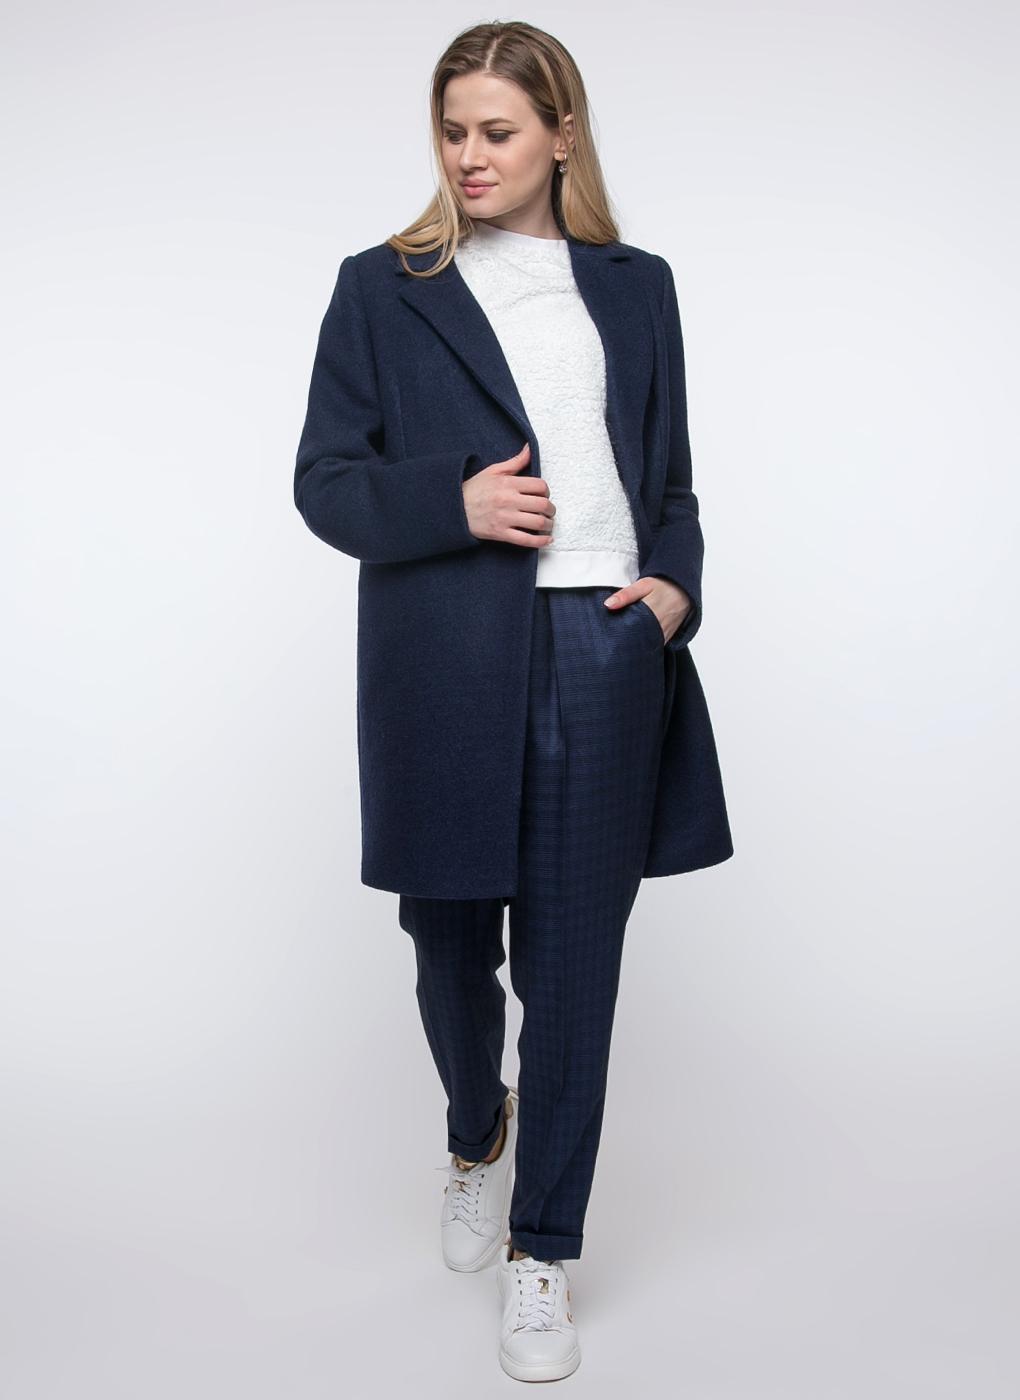 Пальто прямое полушерстяное 09, idekka фото